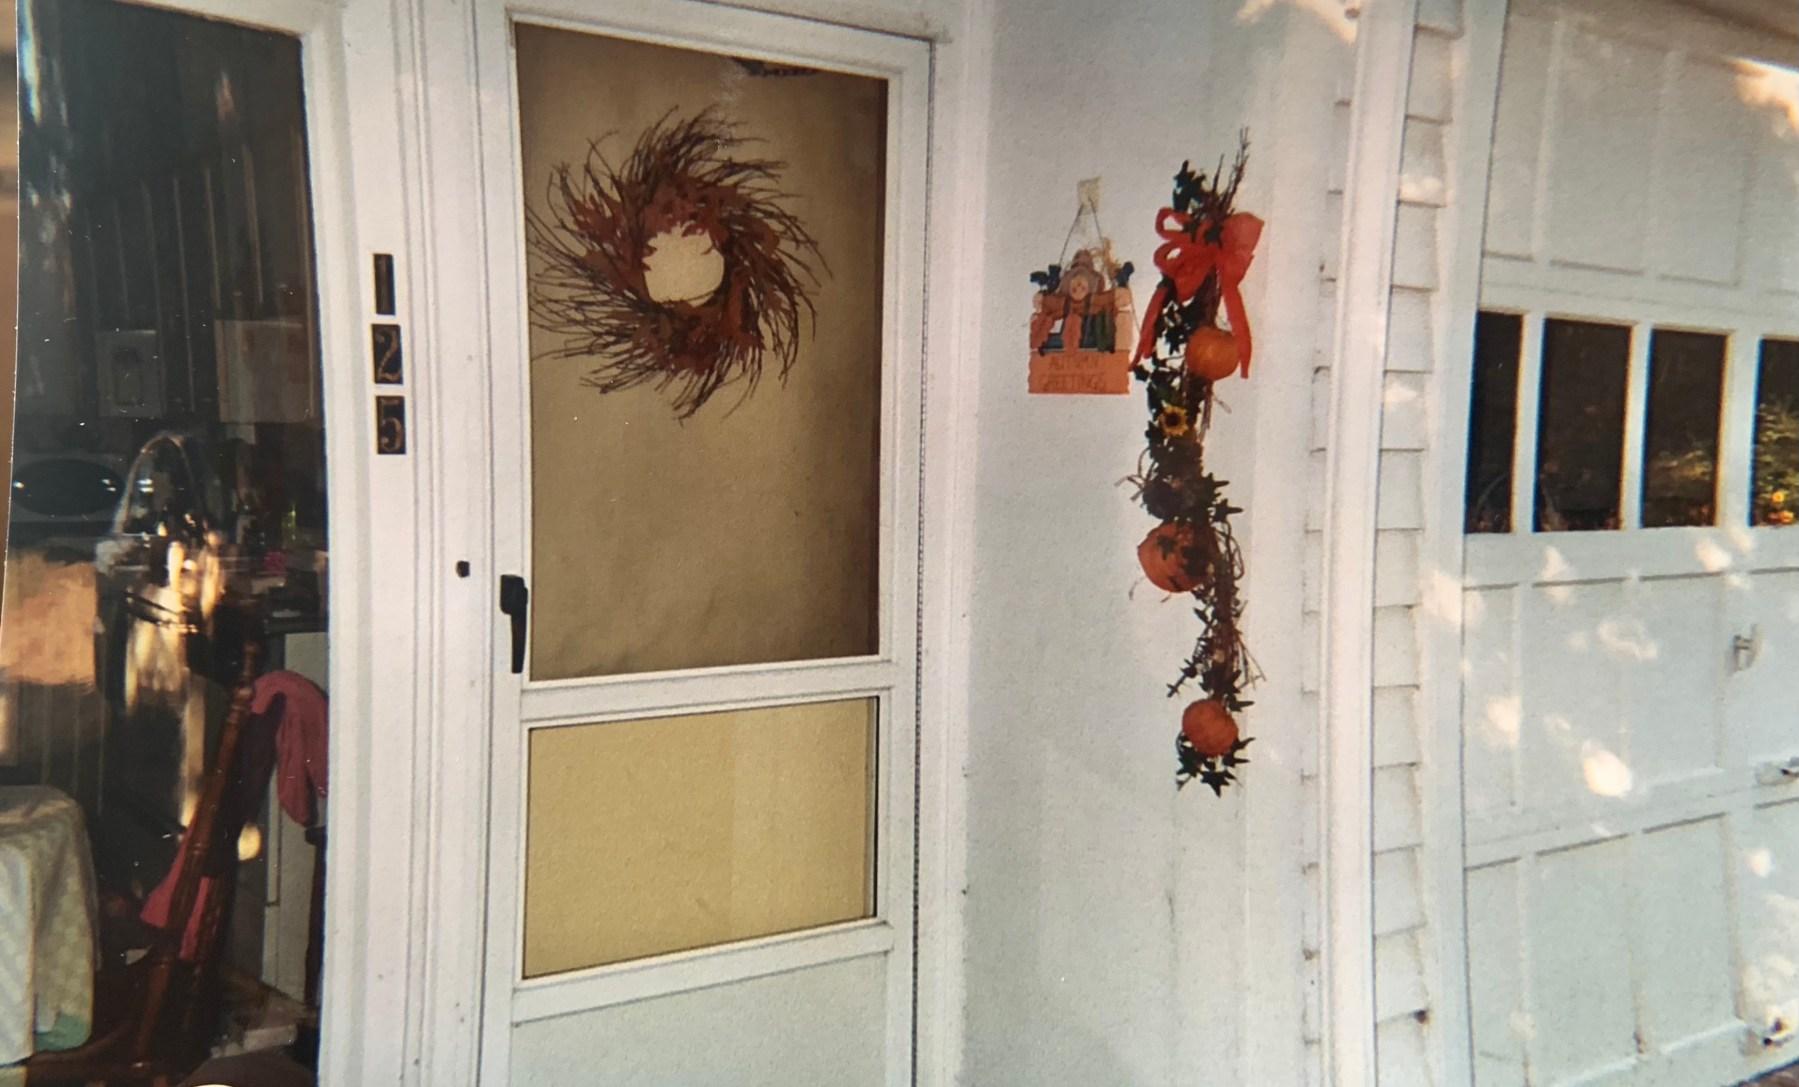 125 Lexington Street apartment 2, Kathi Horton photo